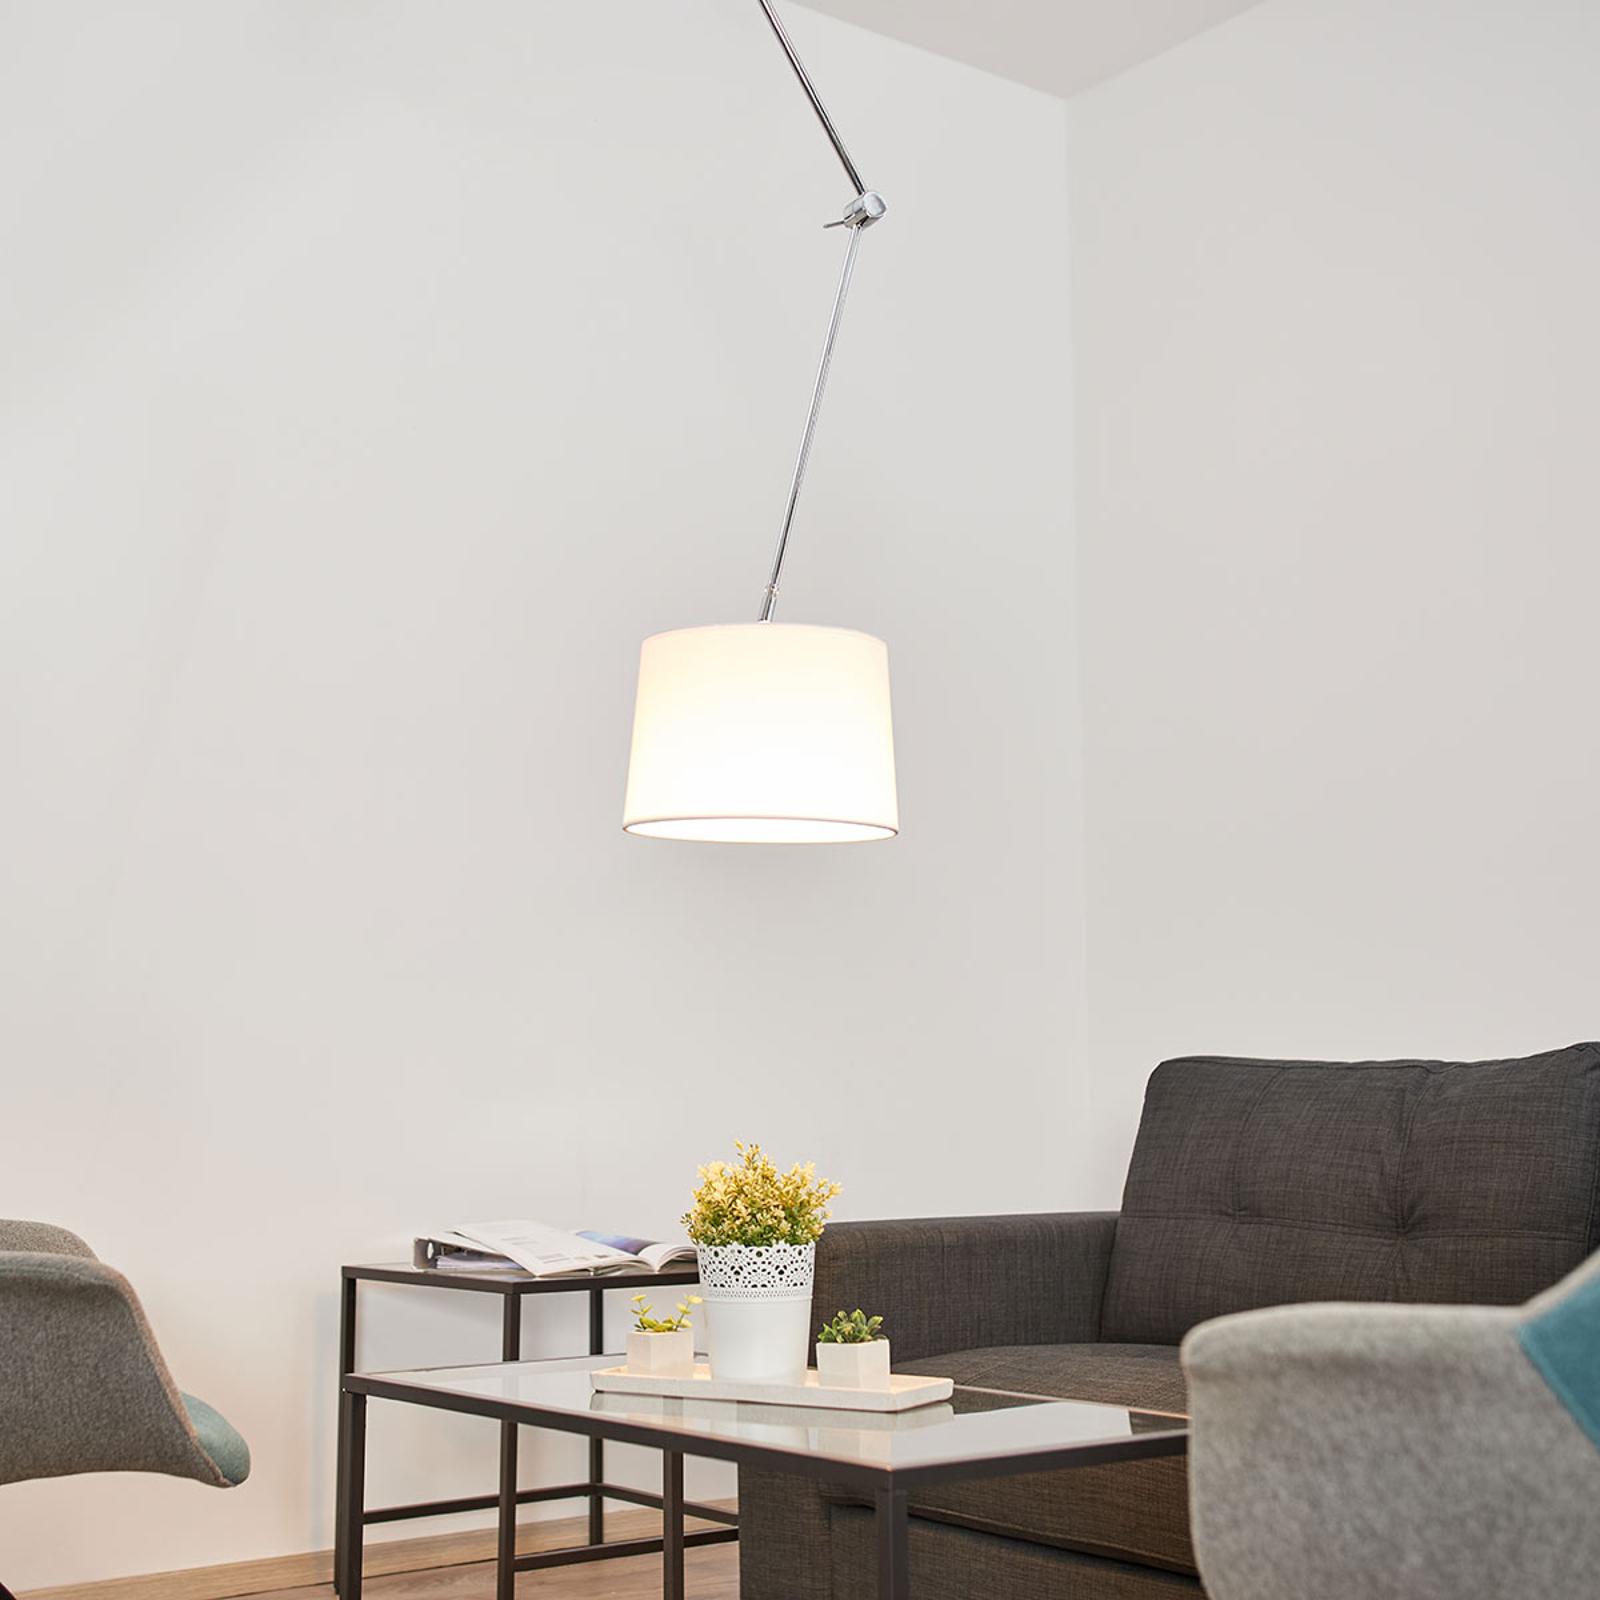 Lampa sufitowa Jolla tkanina, z wysięgnikiem